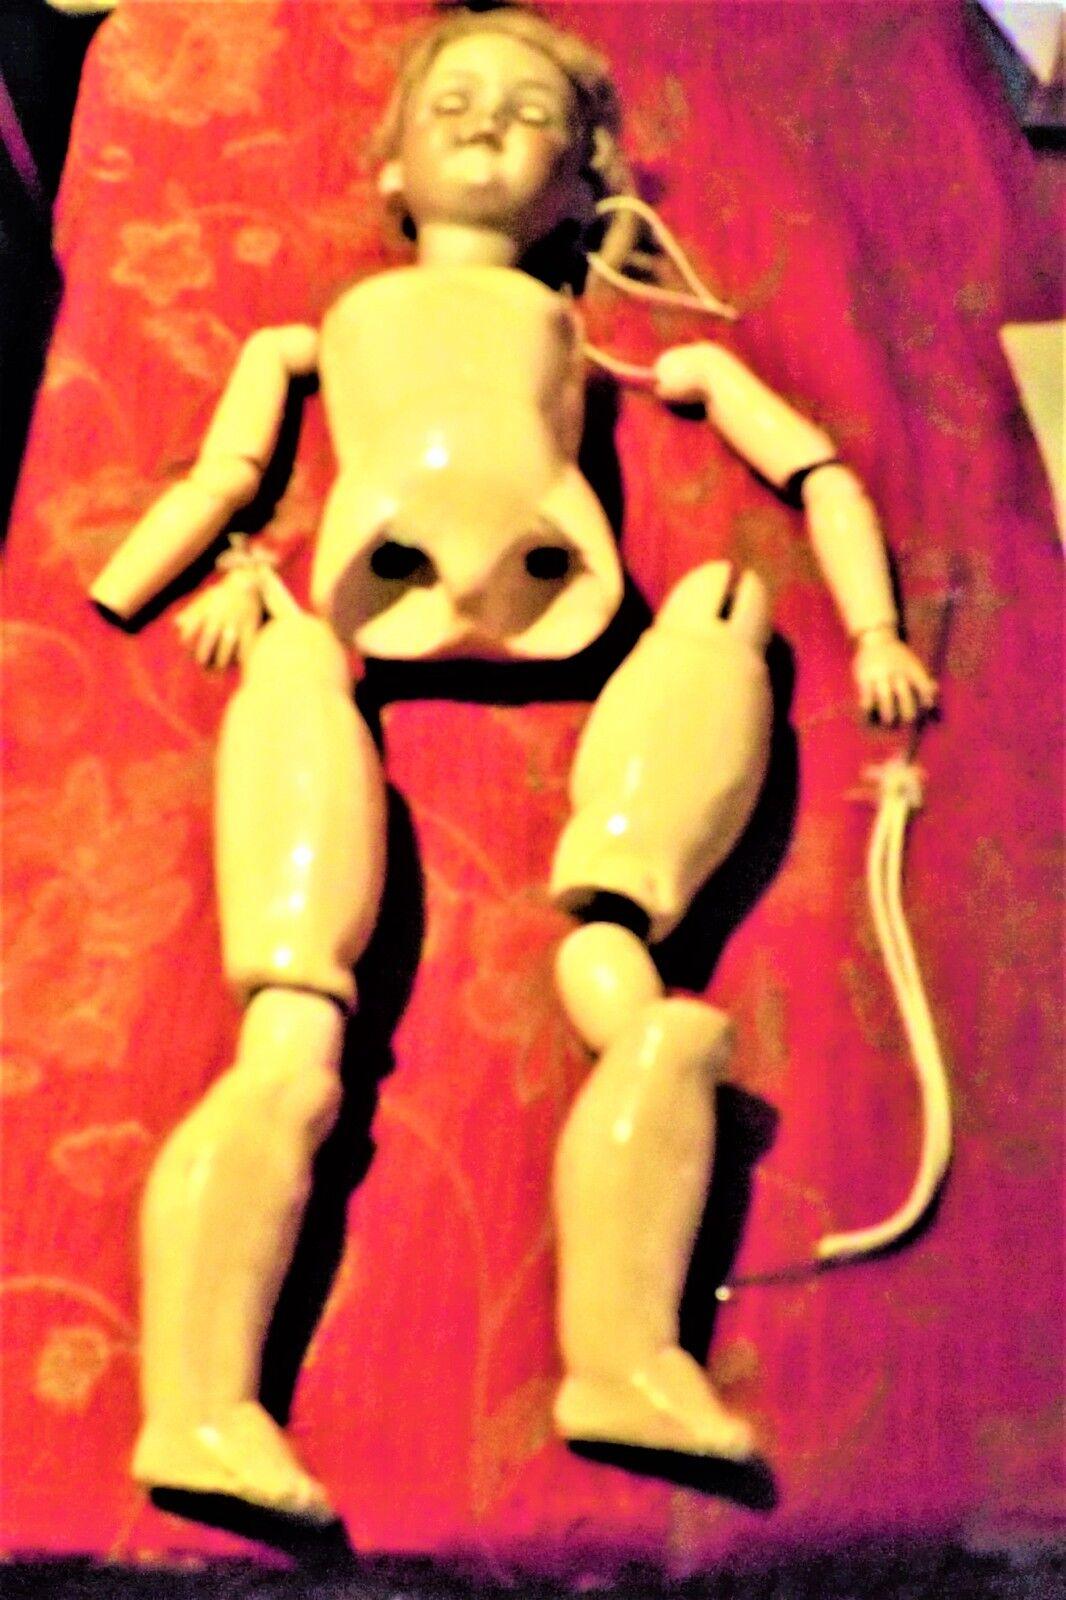 Biske HEAD tedesco sono Bambola che necessitano RIPARAZIONE DA BODY